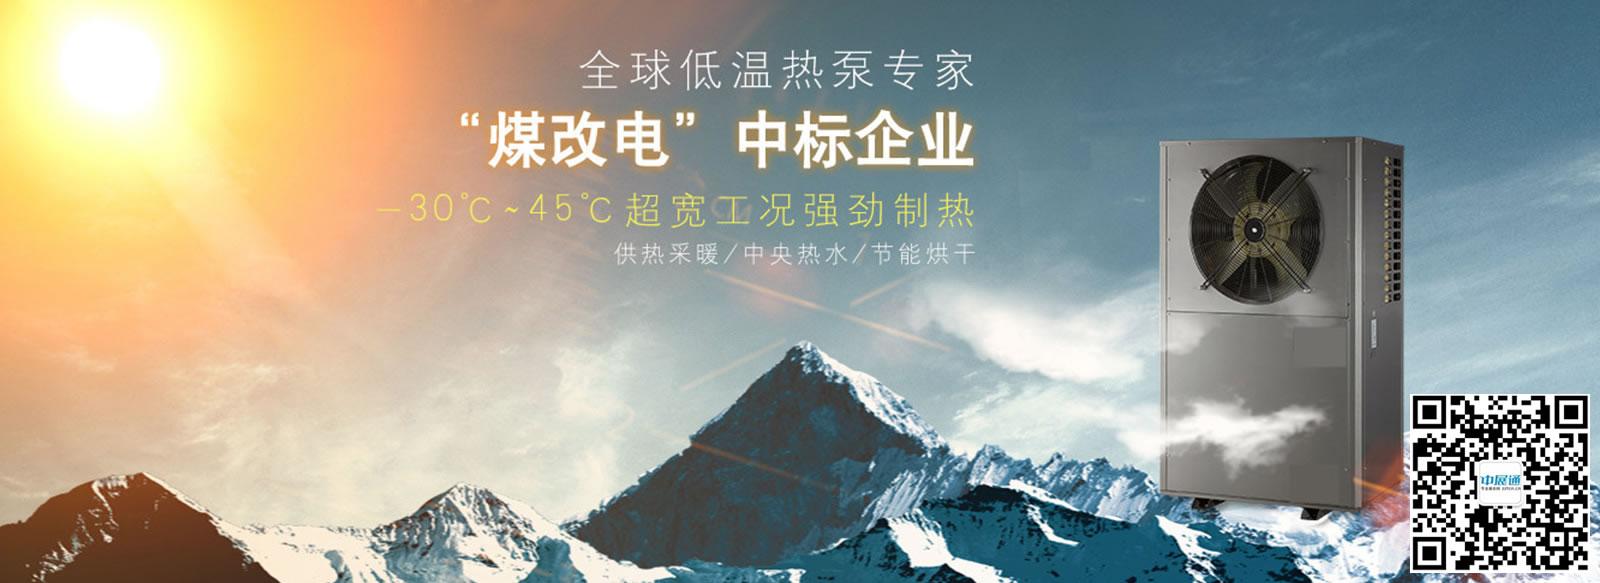 《2019.4.26》石家庄华北煤改清洁能源采暖空调与热泵展.jpg